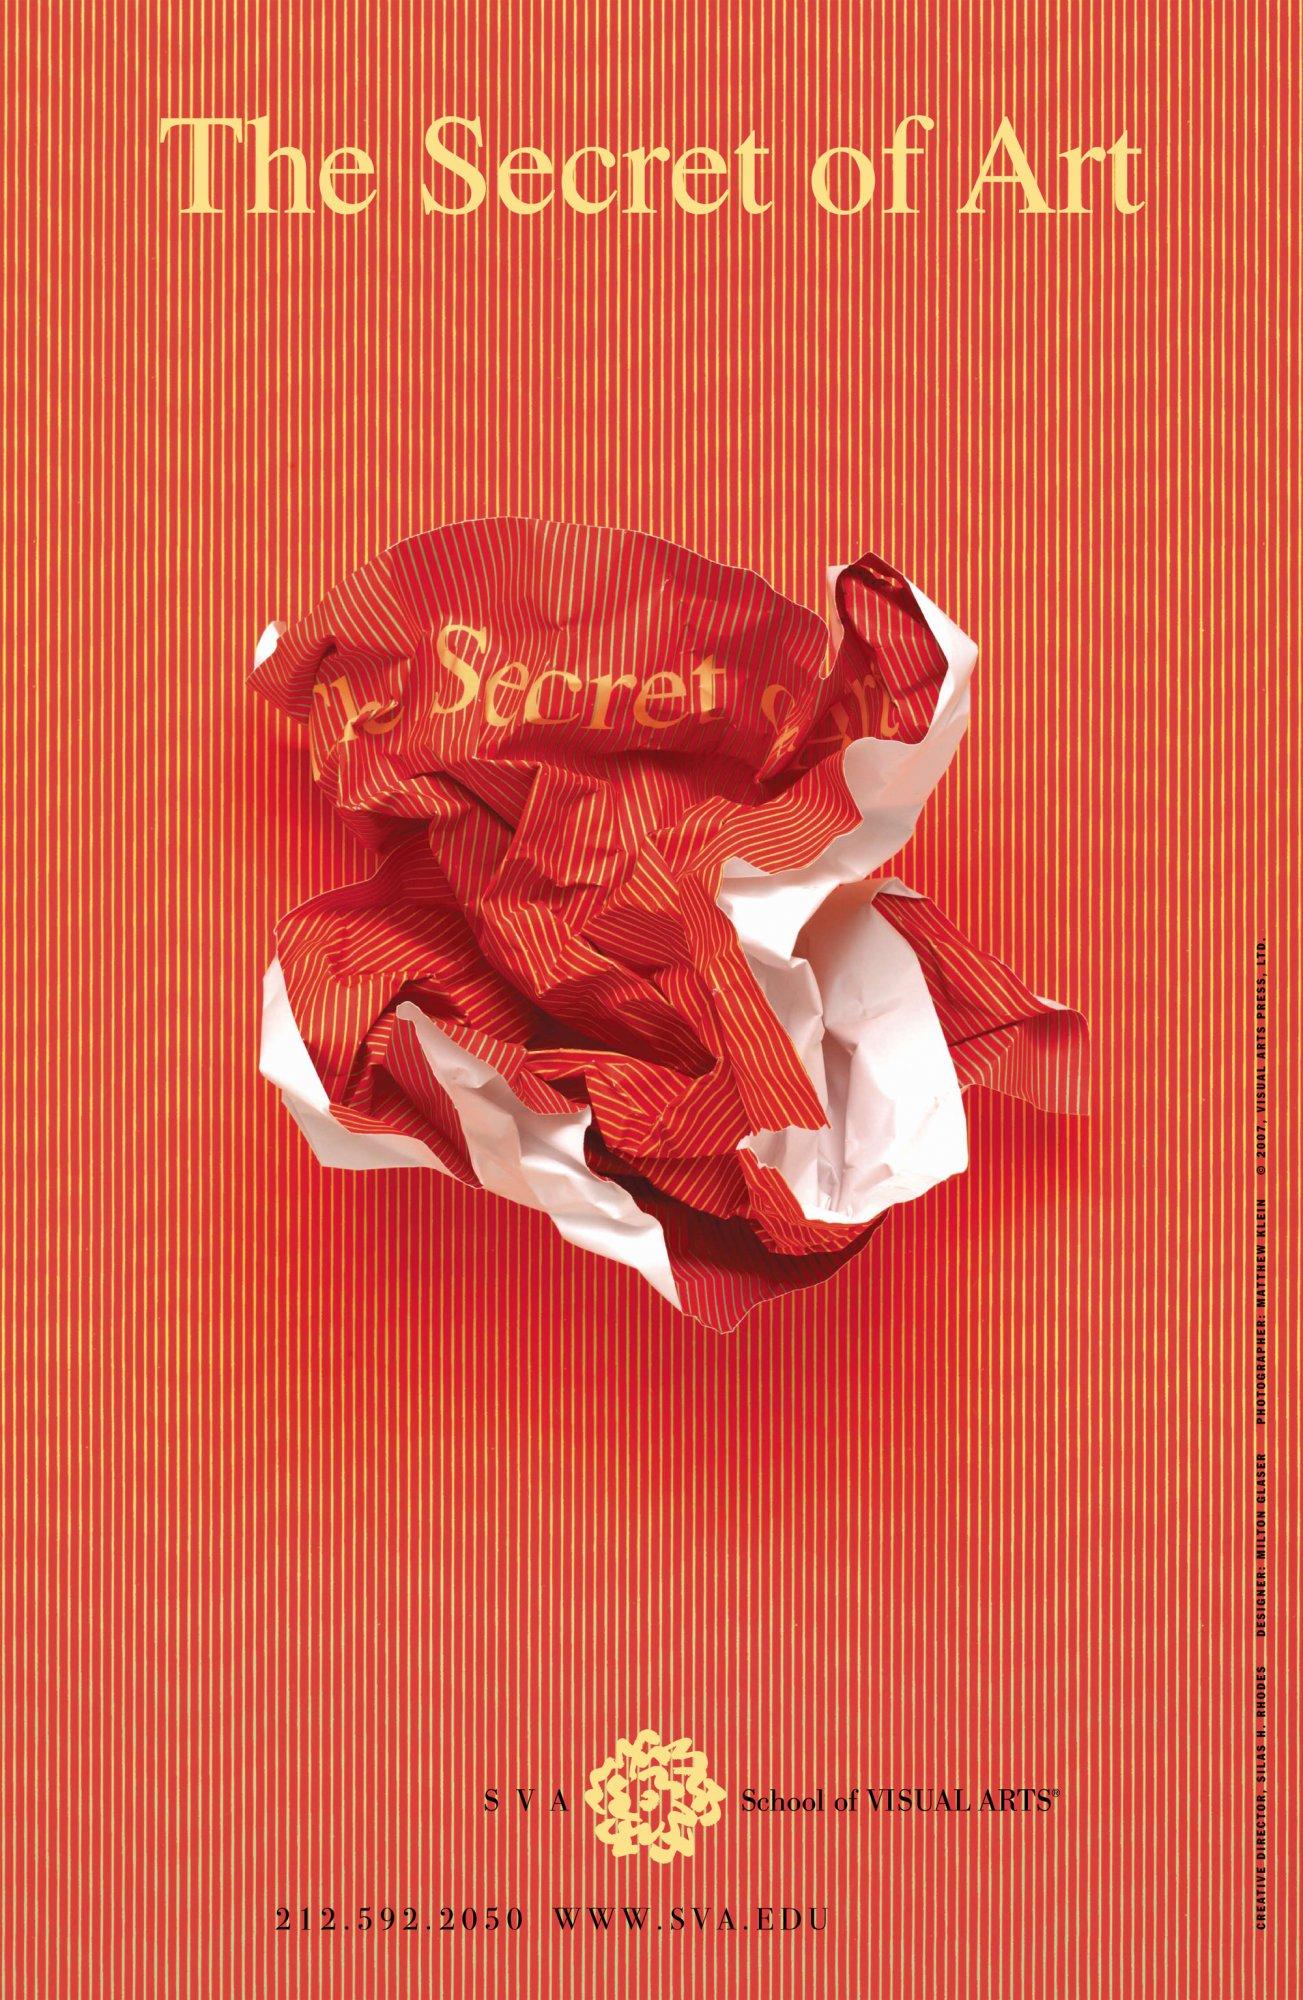 Milton Glaser   Store   The Secret of Art, 2008